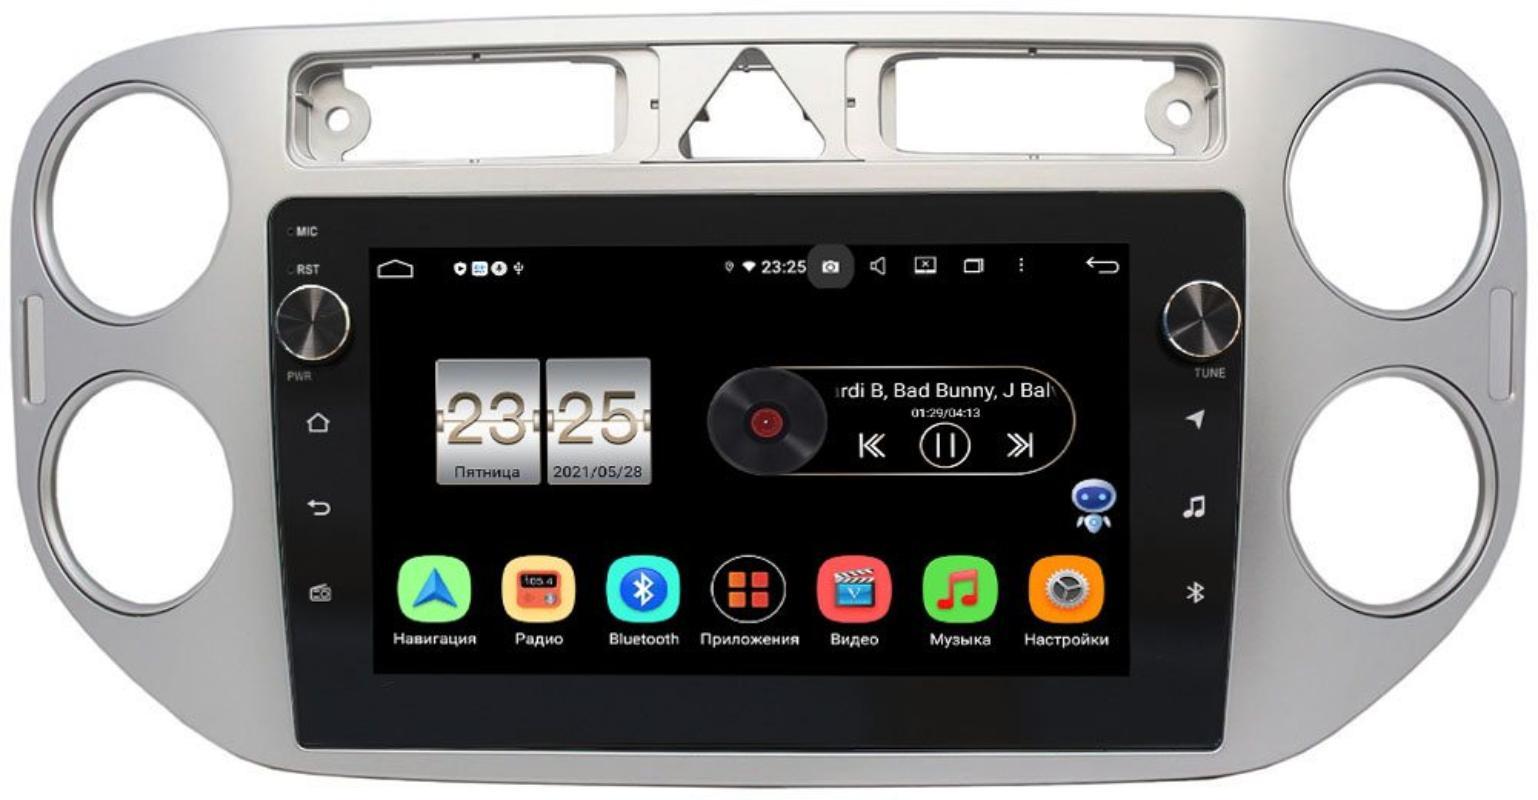 Штатная магнитола LeTrun BPX609-9048 для Volkswagen Tiguan 2007-2011, Golf Plus 2004-2014 на Android 10 (4/64, DSP, IPS, с голосовым ассистентом, с крутилками) (+ Камера заднего вида в подарок!)